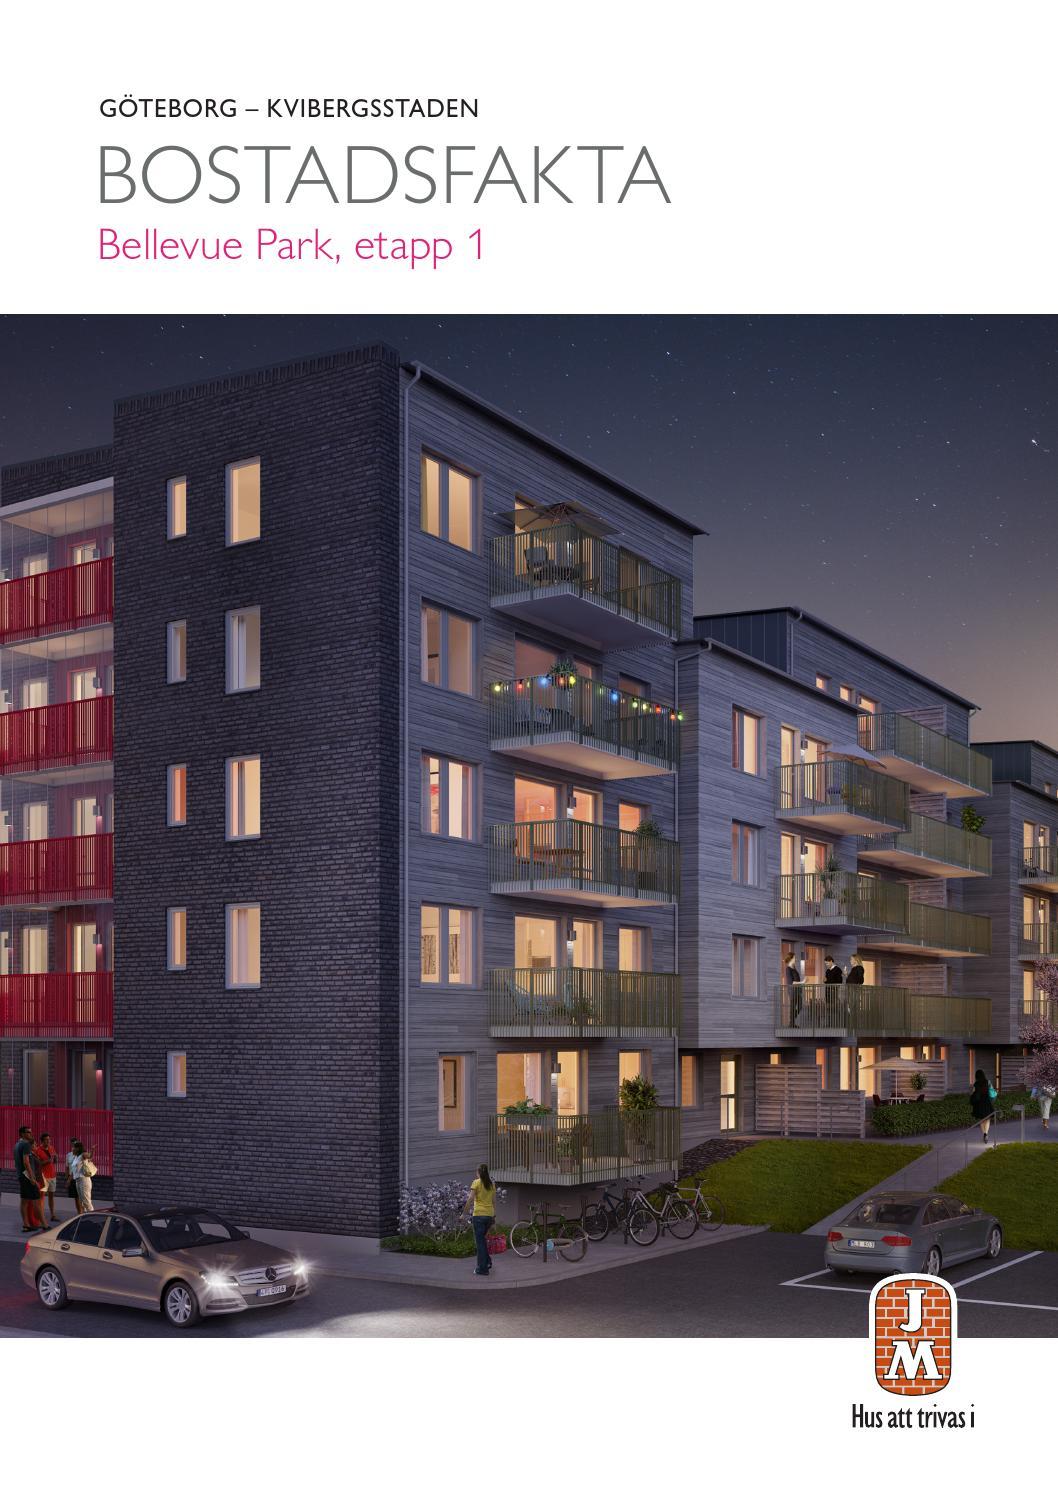 Jm, göteborg: kvibergsstaden   bellevue park etapp 1, bostadsfakta ...